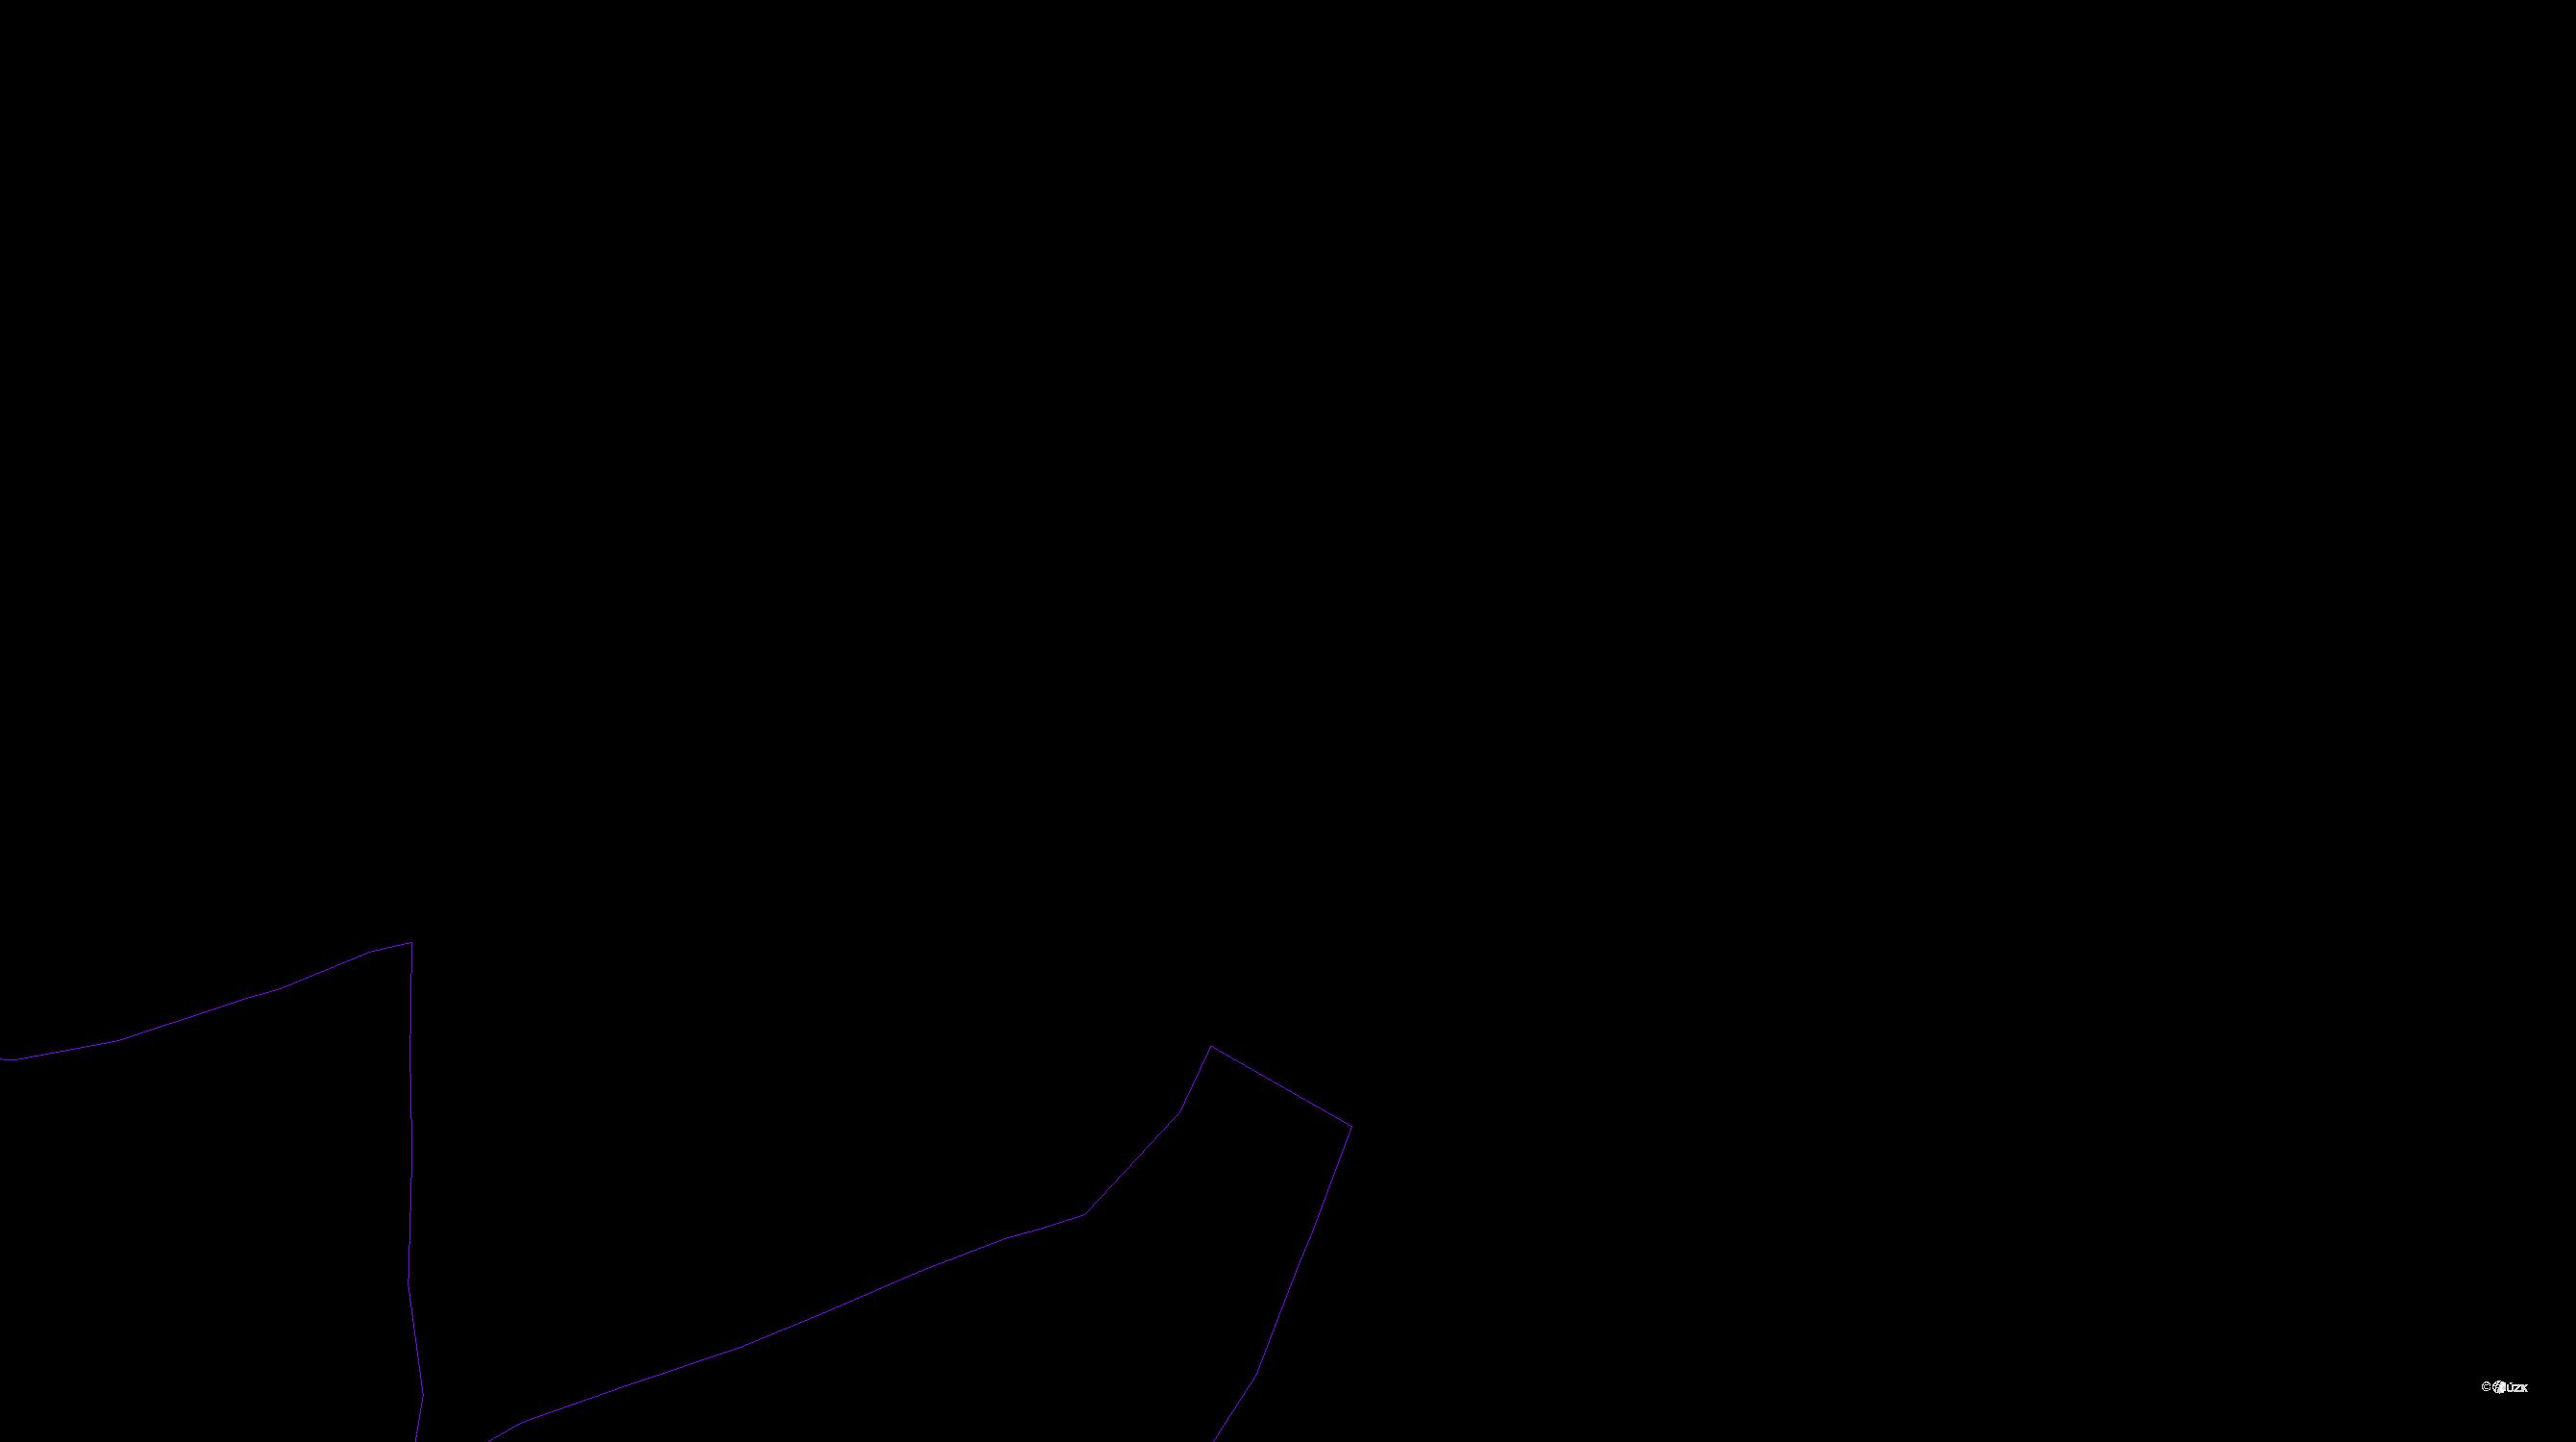 Katastrální mapa pozemků a čísla parcel Bojanovice